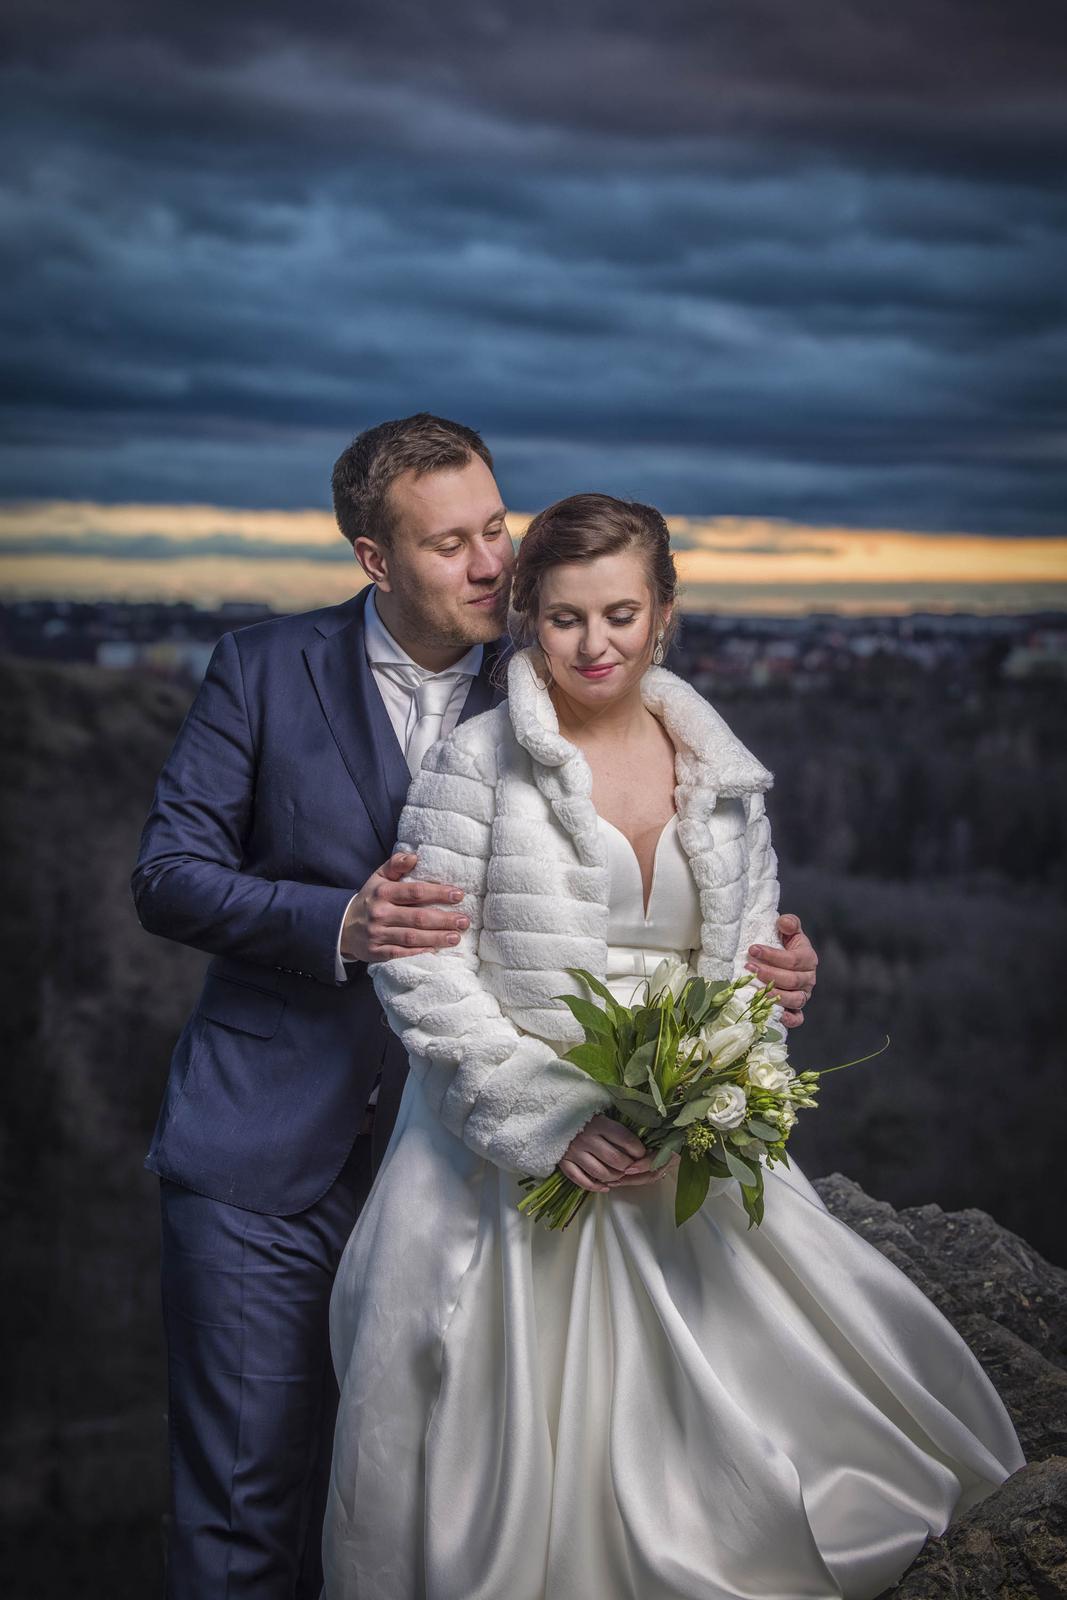 weddingsphoto_cz - Obrázek č. 3